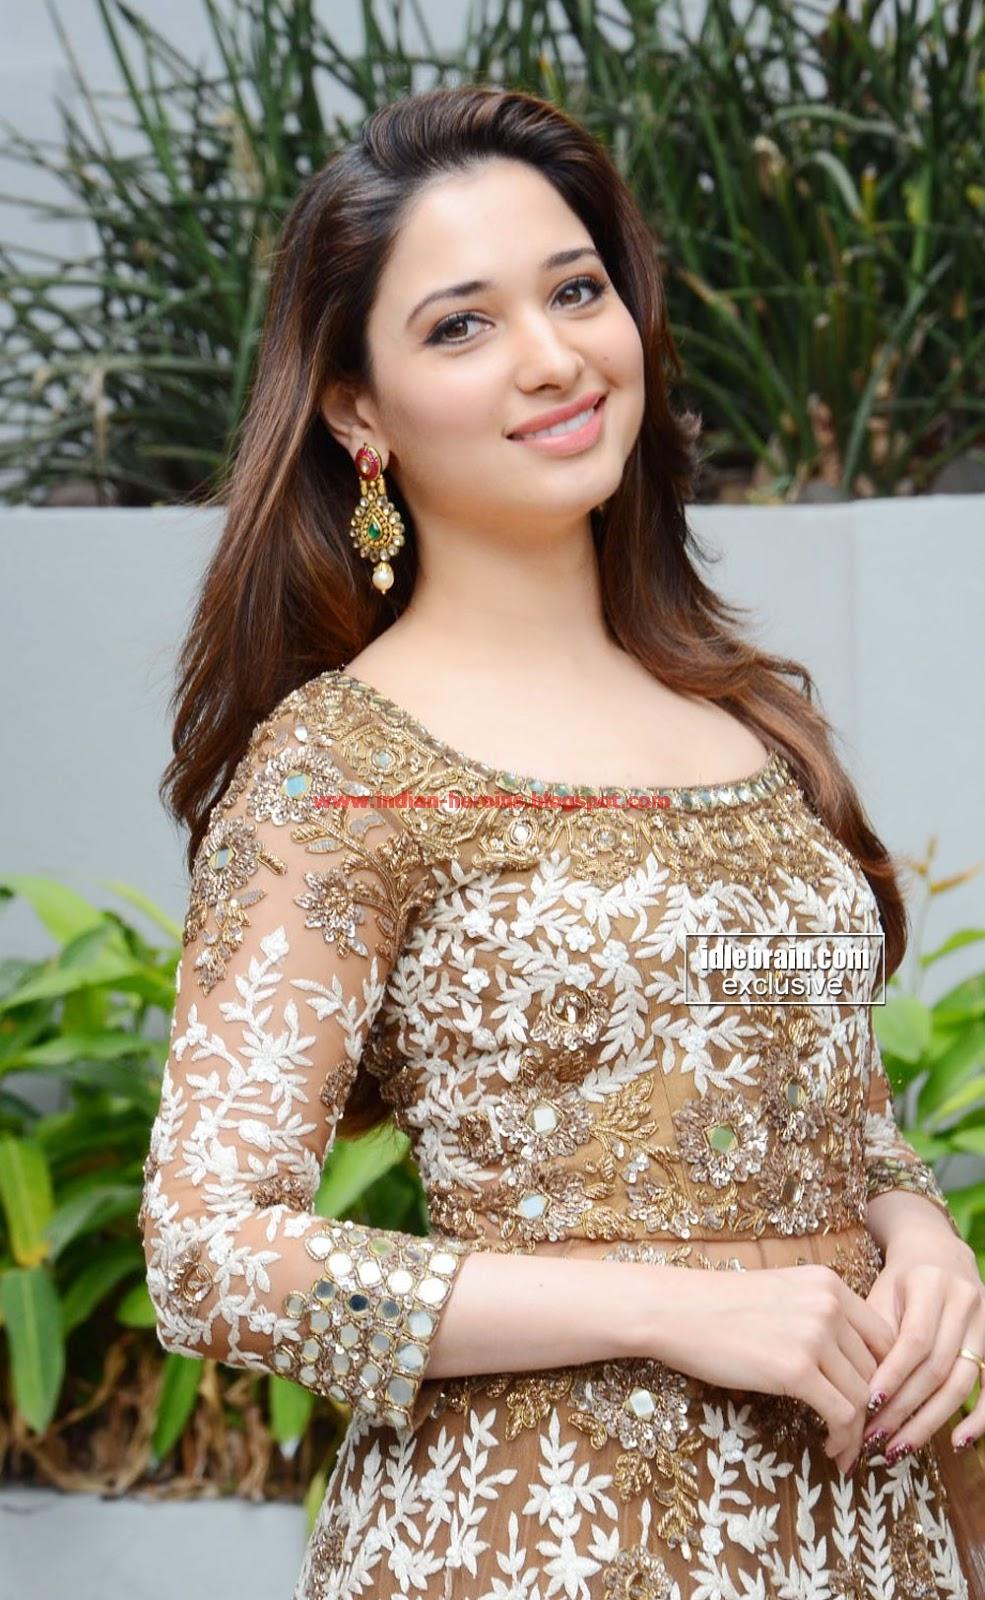 Latest Tamanna In Saree: Indian-heroins.blogspot.com: Tamanna Latest Skin Show Sexy